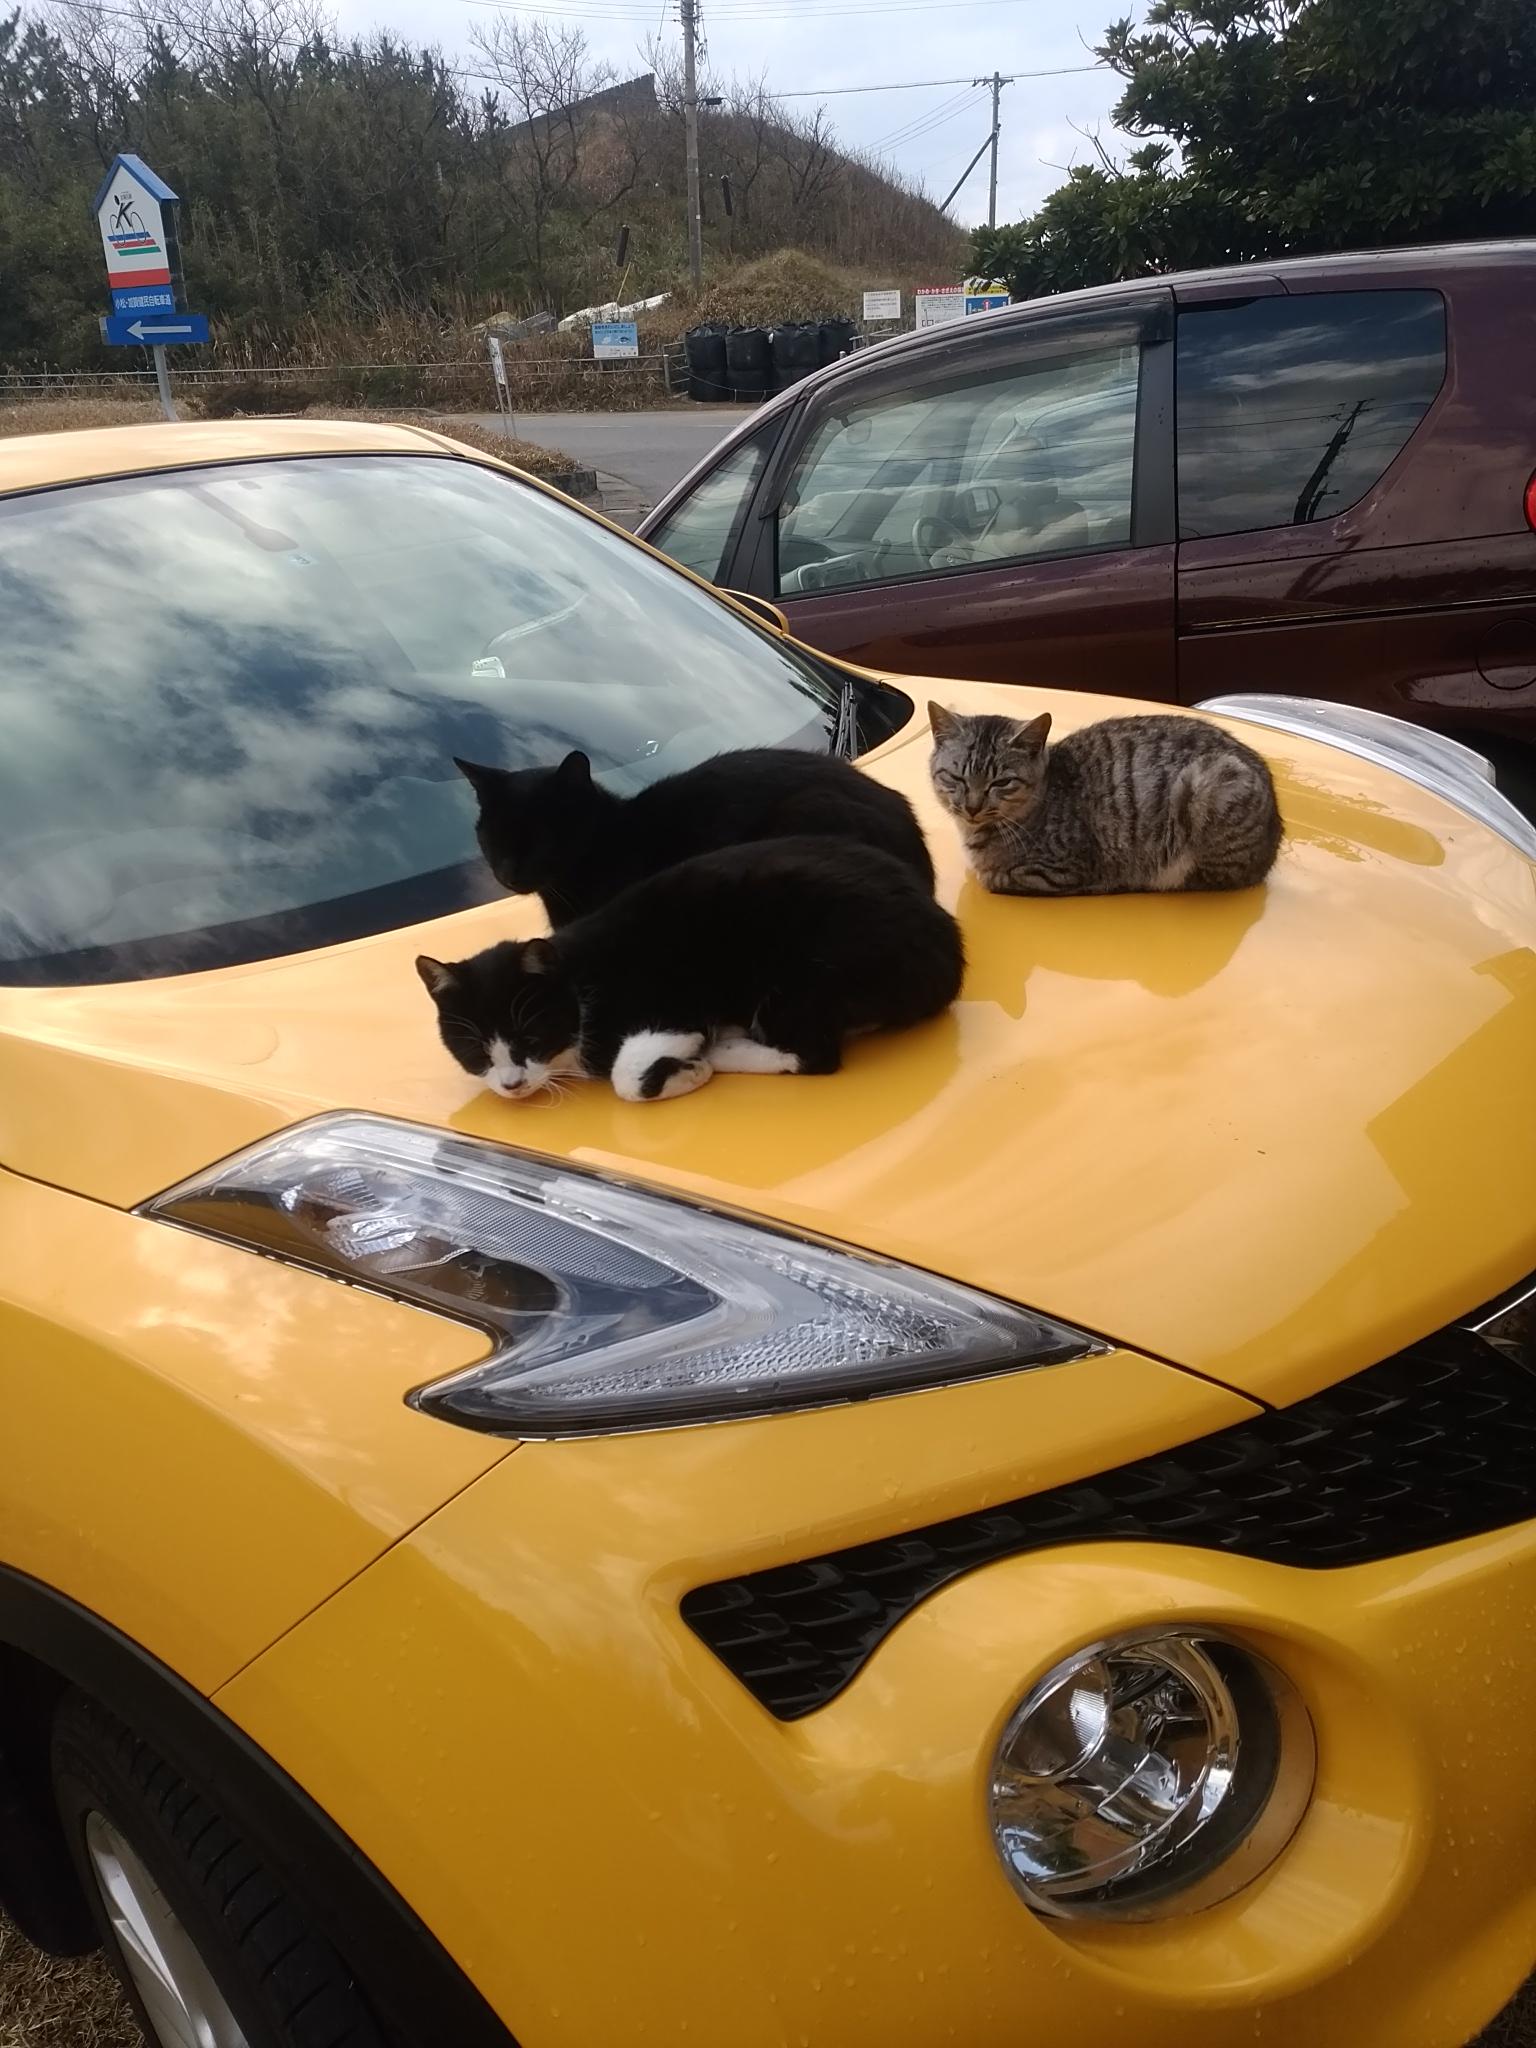 ボンネットで暖をとる猫達